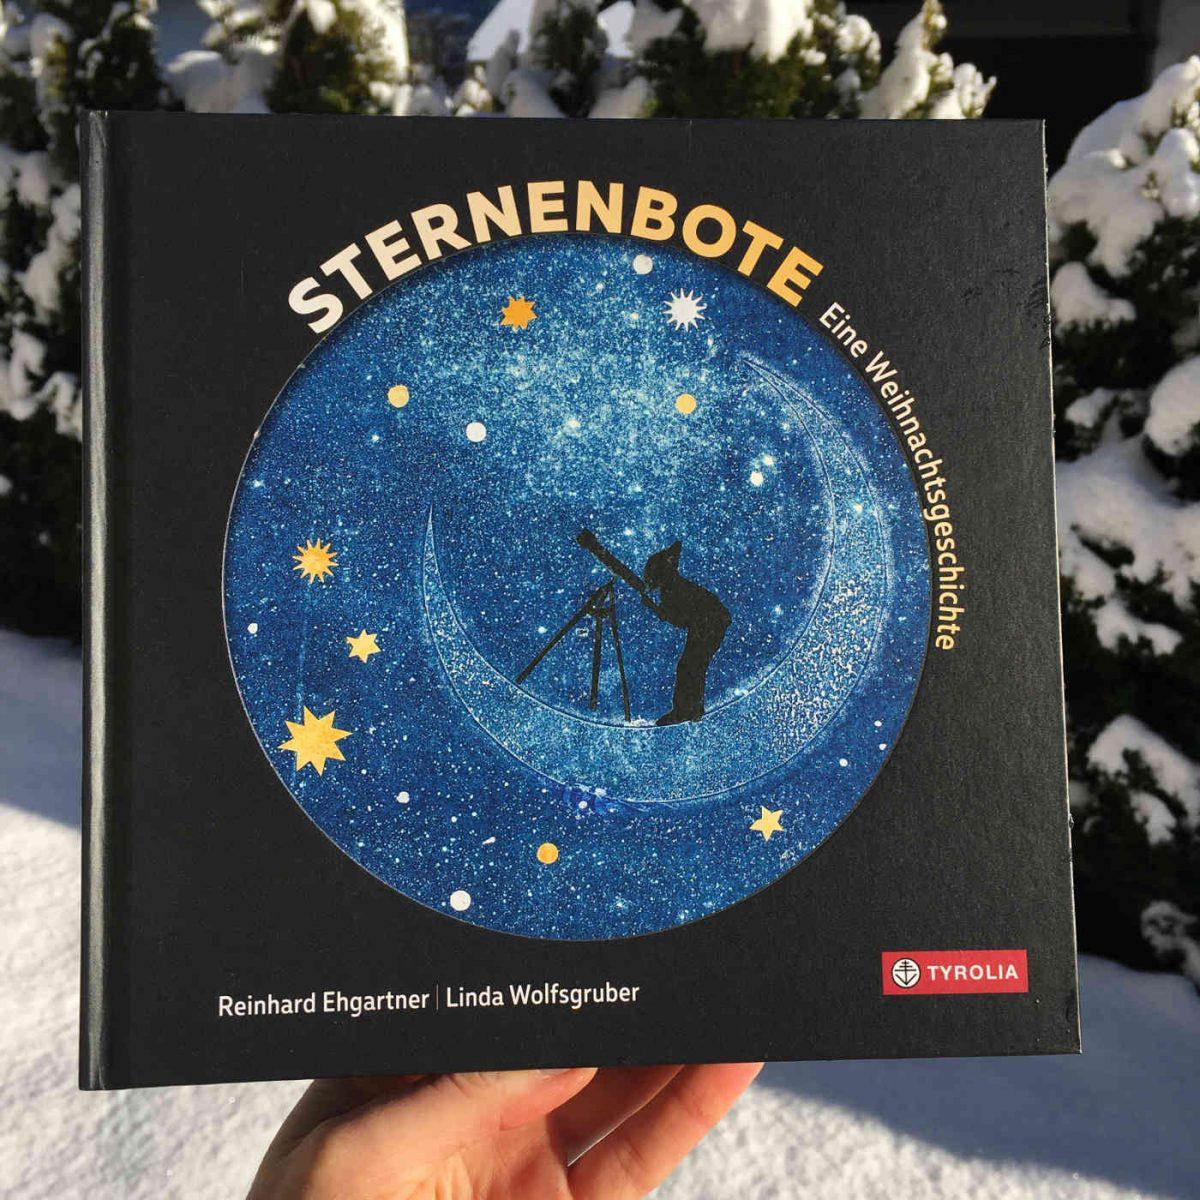 Ein hinreißendes Weihnachtsbuch: Sternenbote, eine Weihnachtsgeschichte